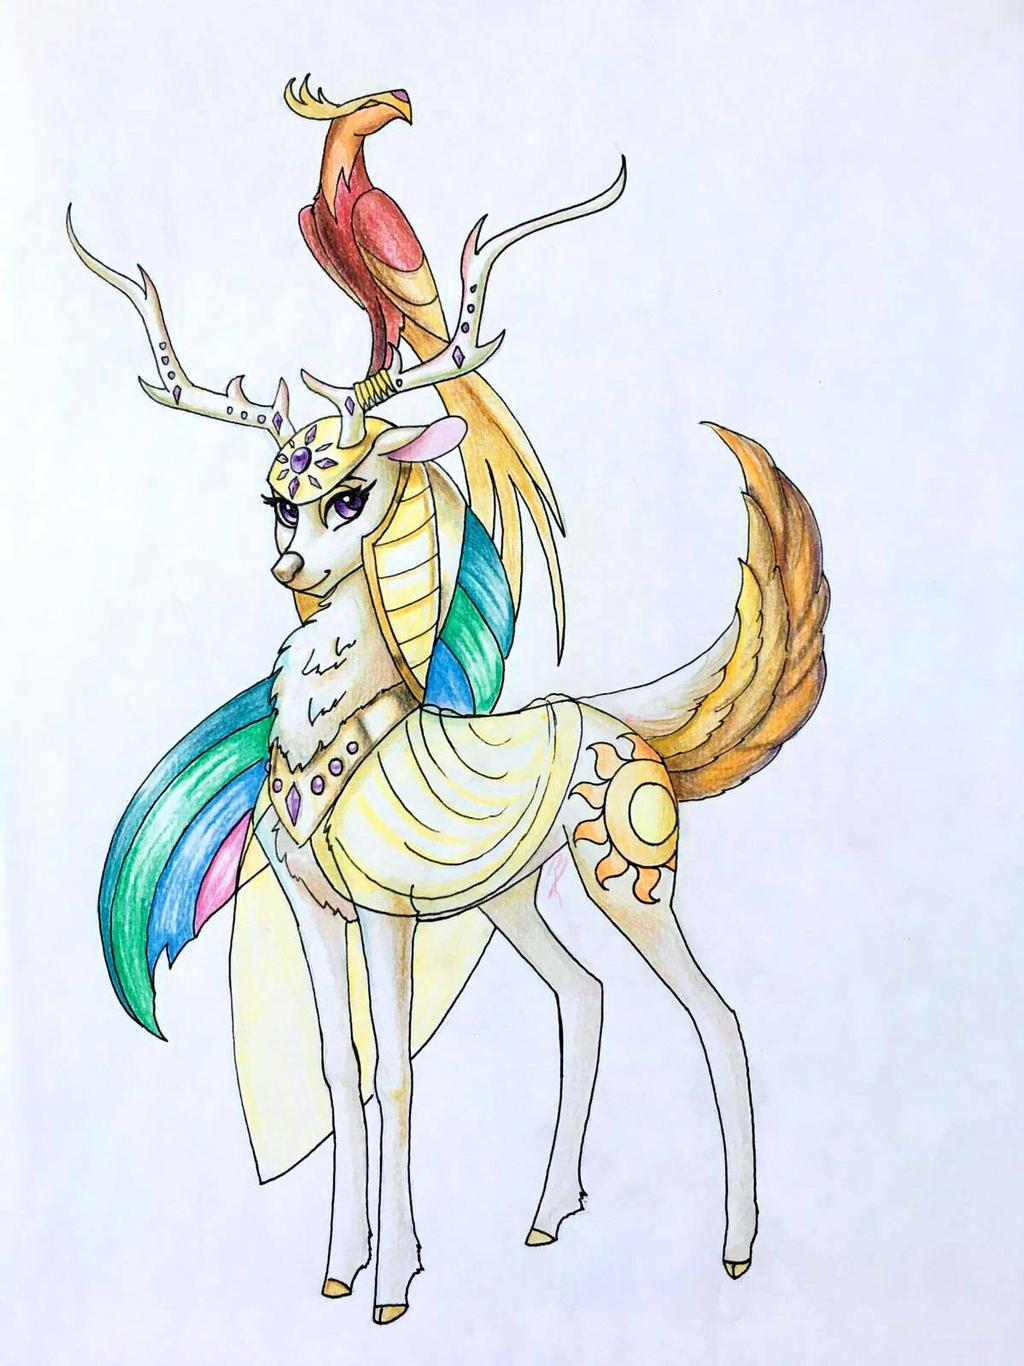 Deer Princess Celestia (PUN INTENDED)